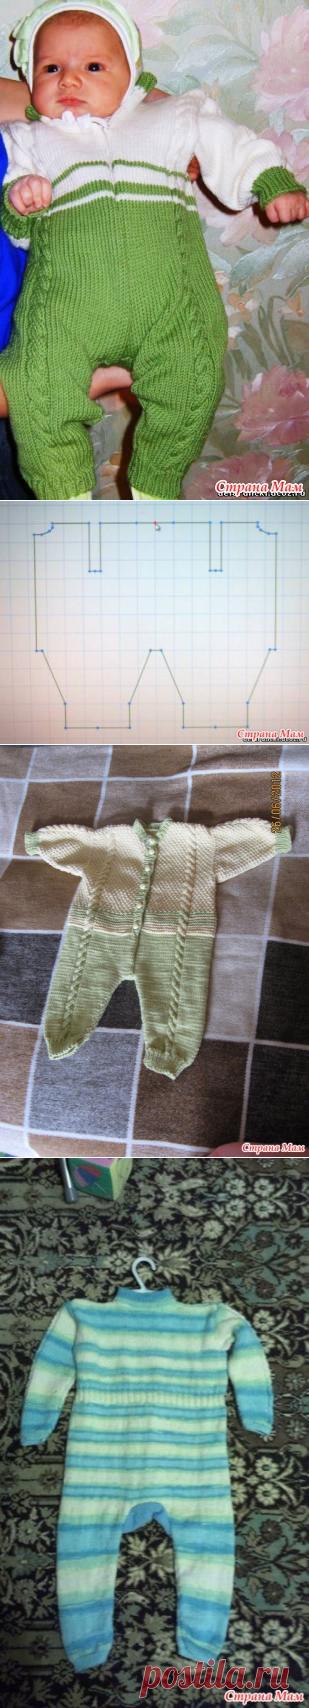 Комбинезон для новорожденного или грудничка. Машинное вязание. Мастер класс. - Страна Мам